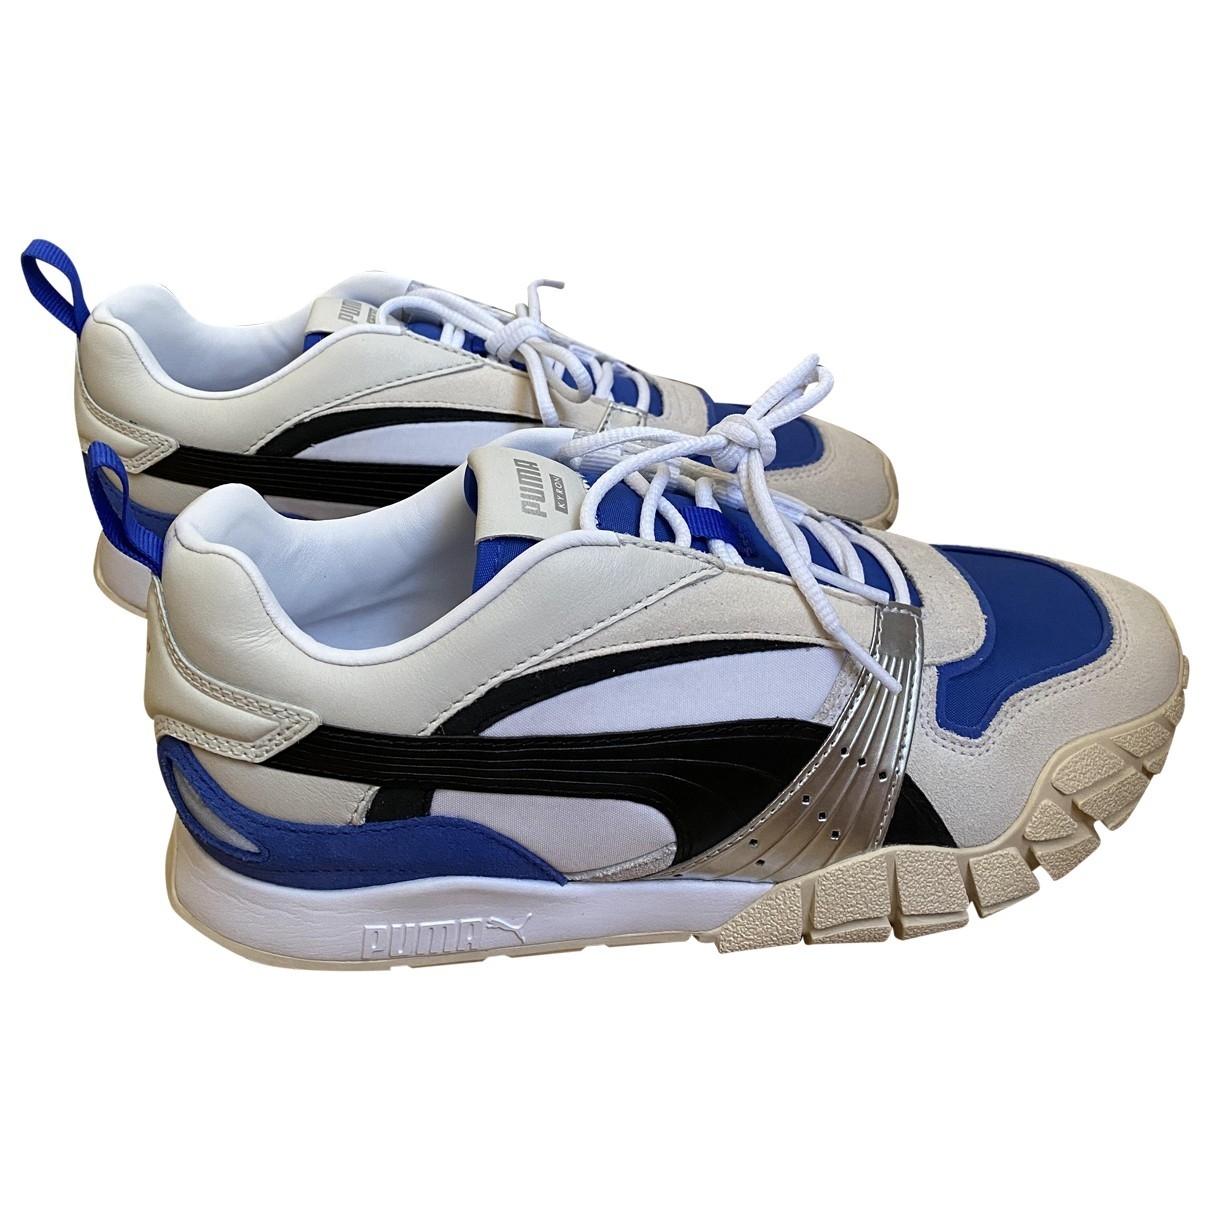 Puma \N Sneakers in  Weiss Leinen